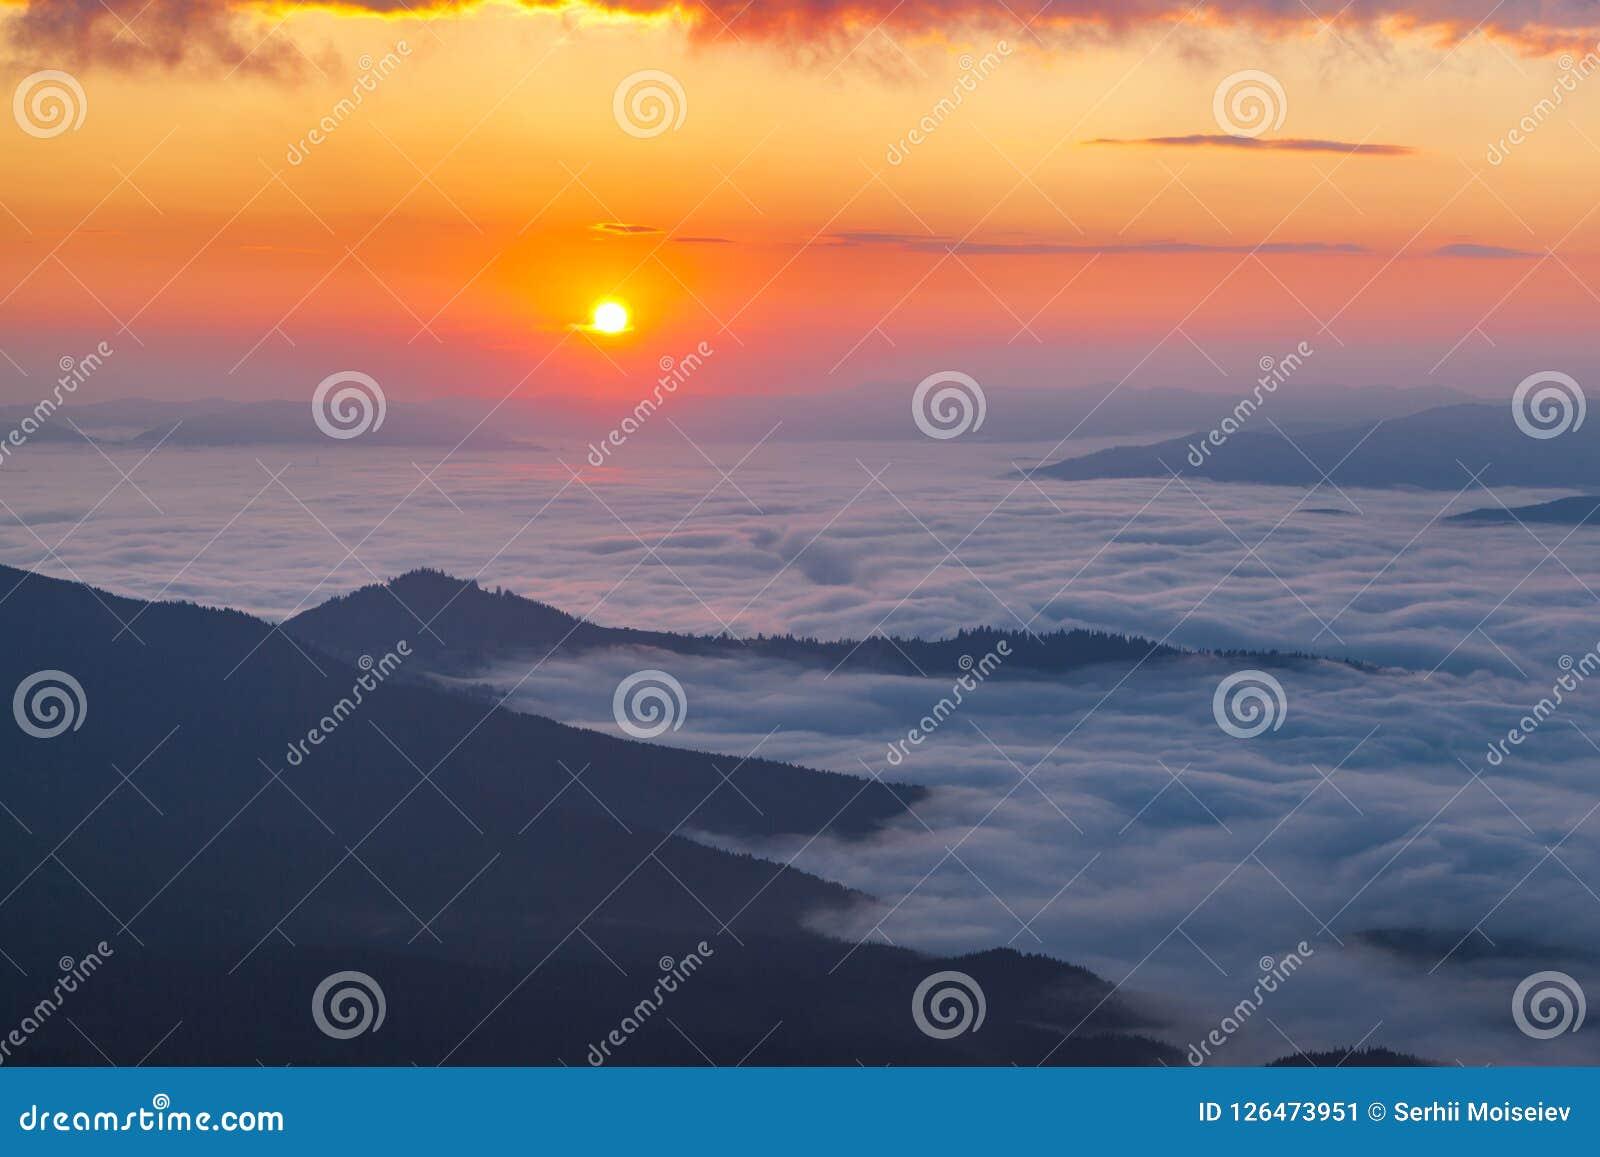 Goldene Stunde in den Bergen